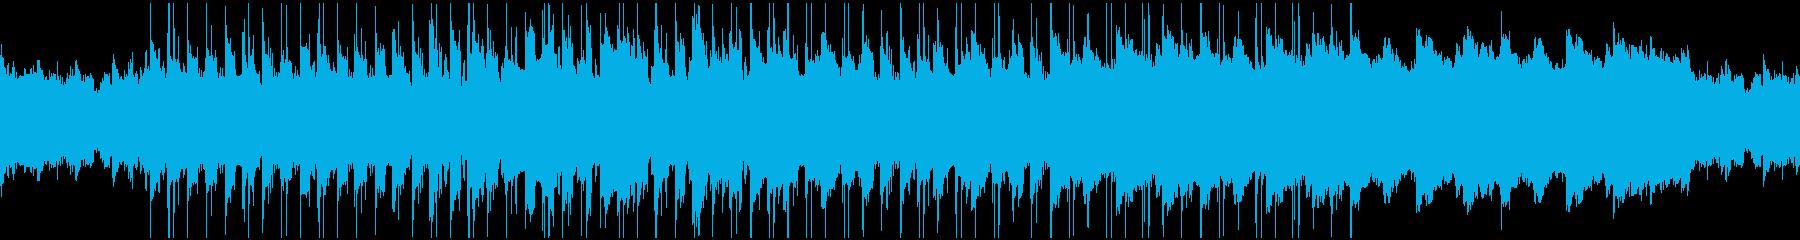 エレキピアノによるゆったりした曲調です。の再生済みの波形